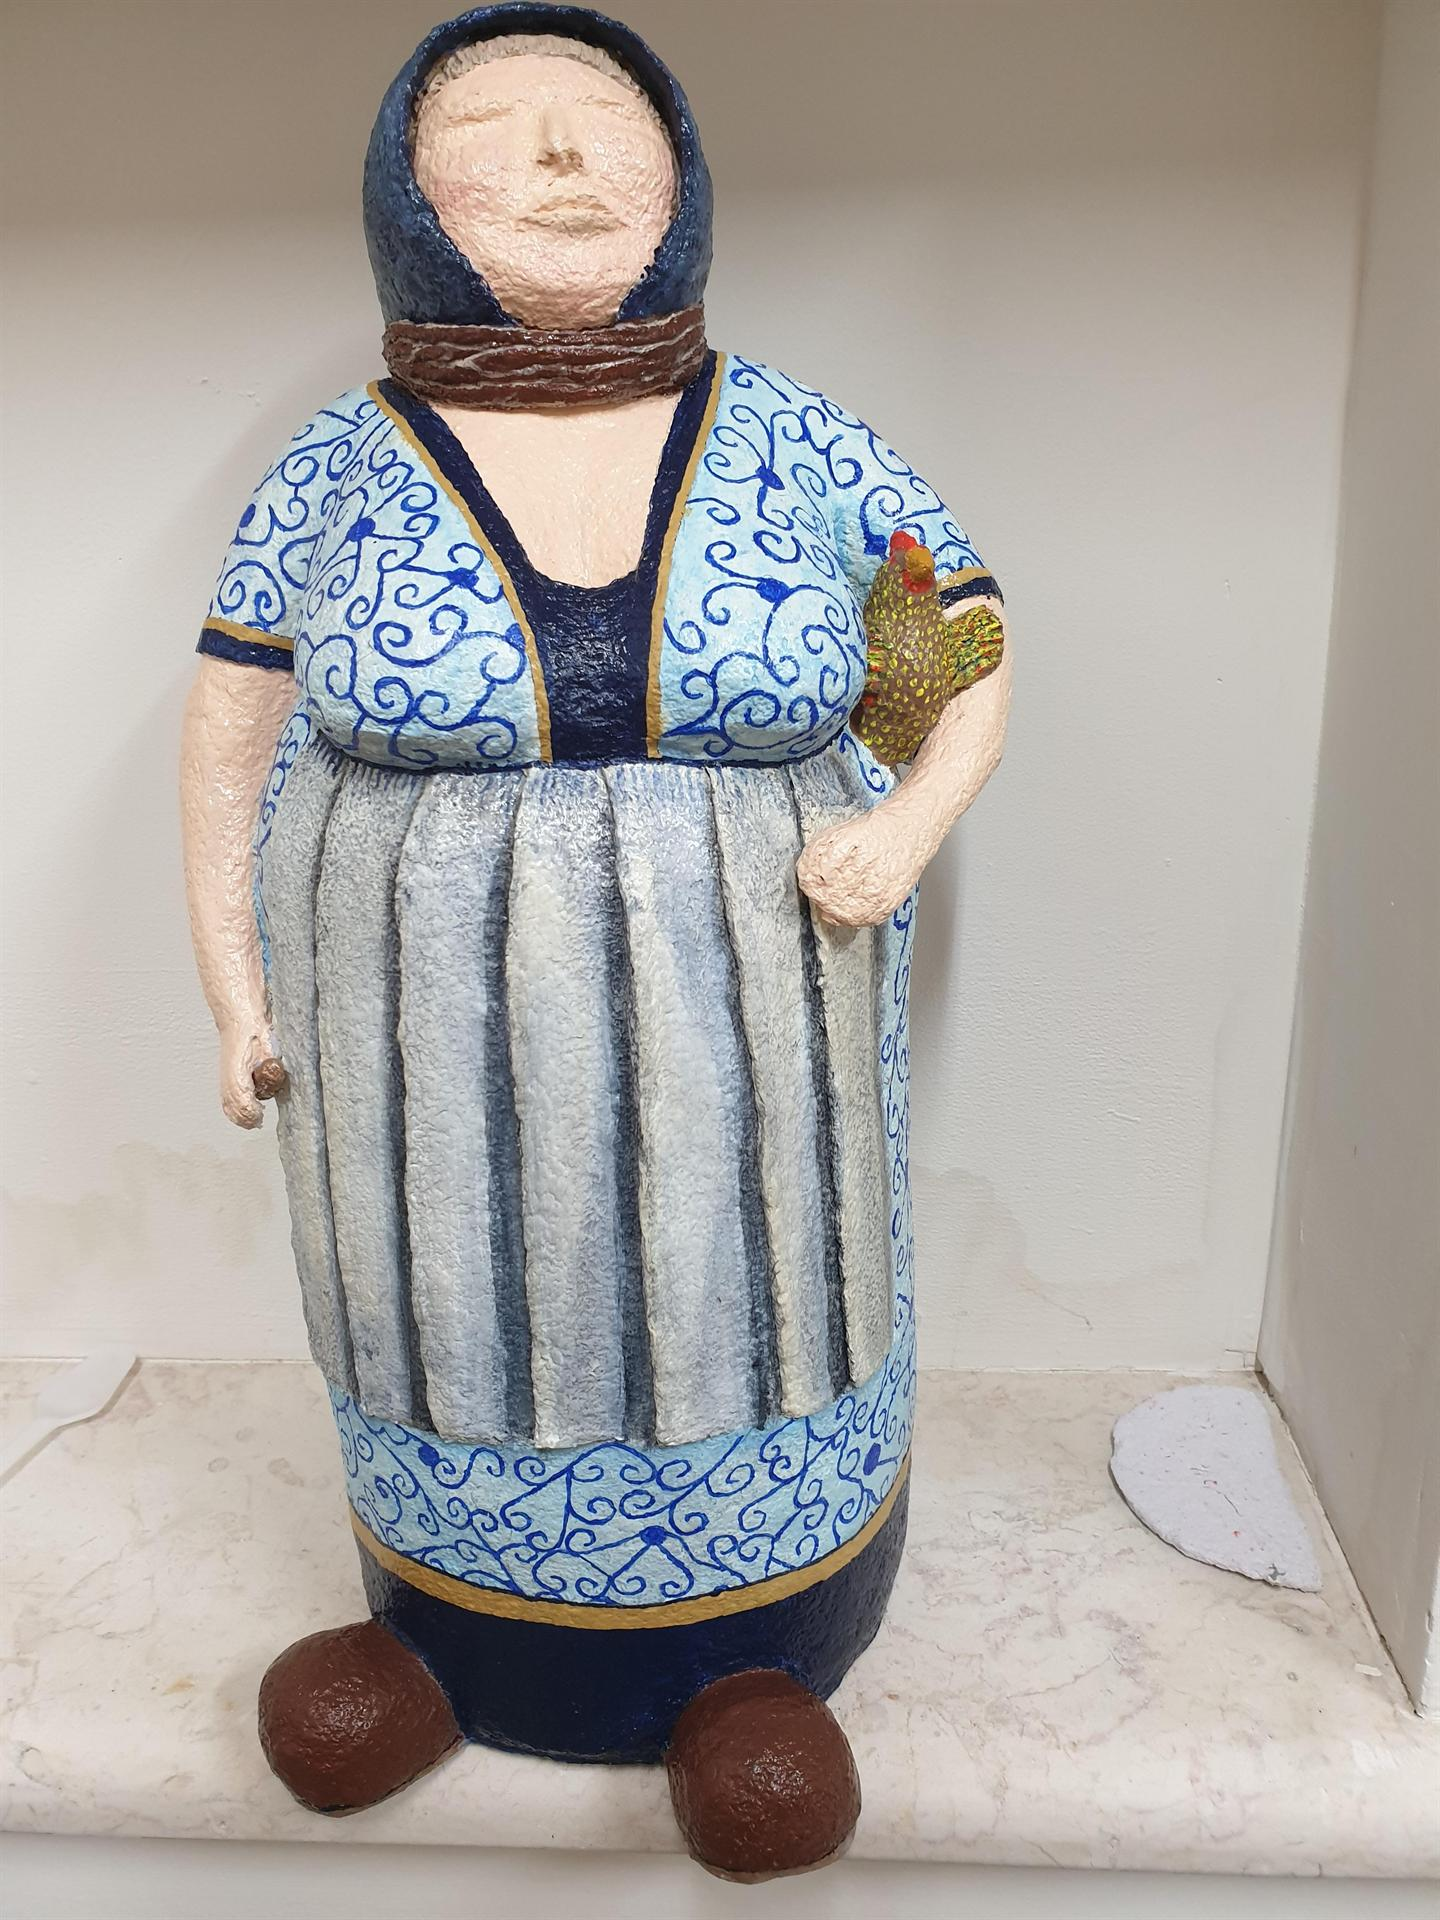 פסל אישה עם תרנגולת מעיסת נייר של כוכבה